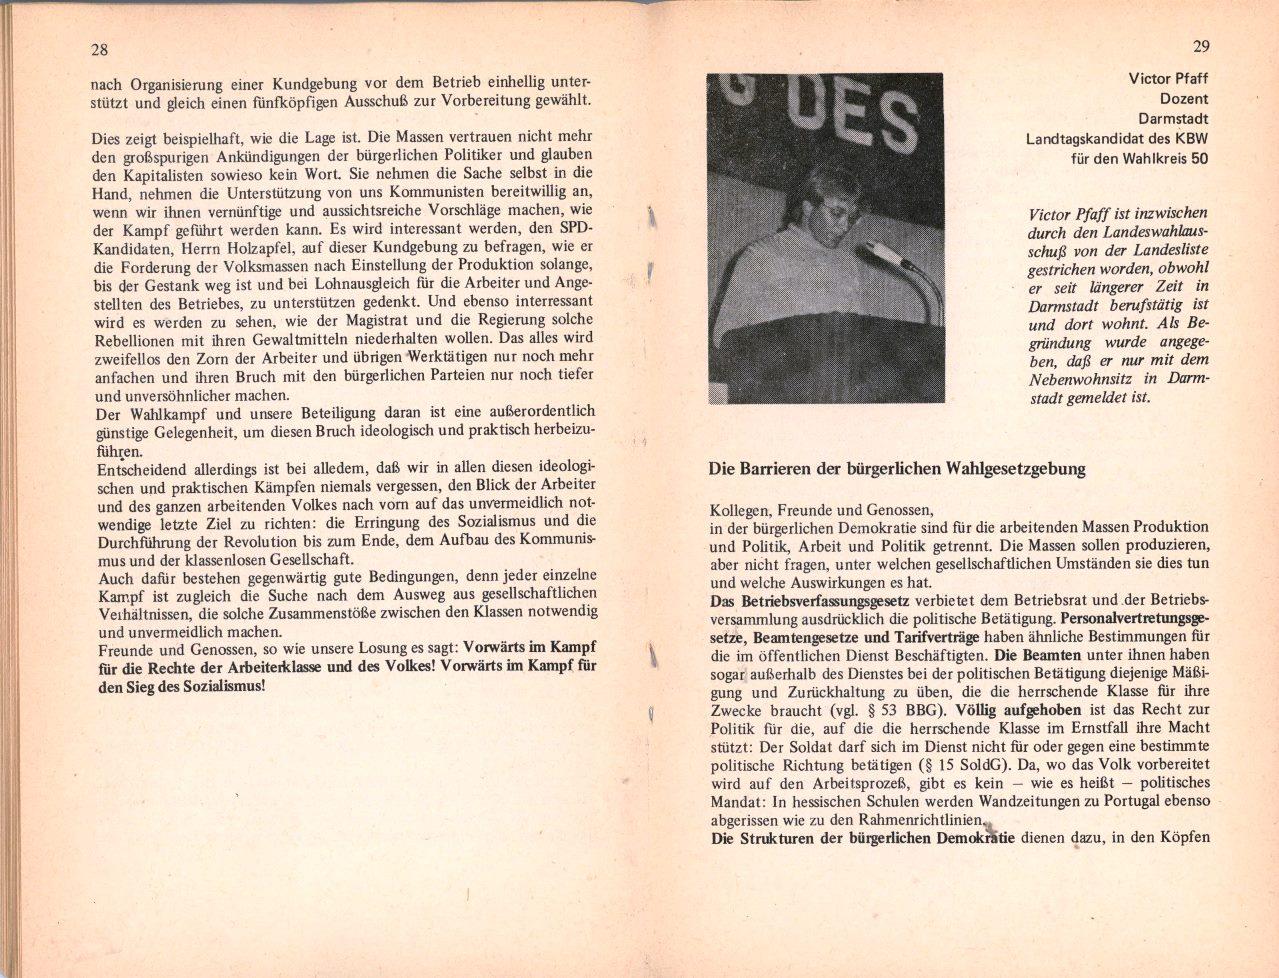 Hessen_KBW_LTW_Kundgebung_in_Wiesbaden_30_09_1974_16